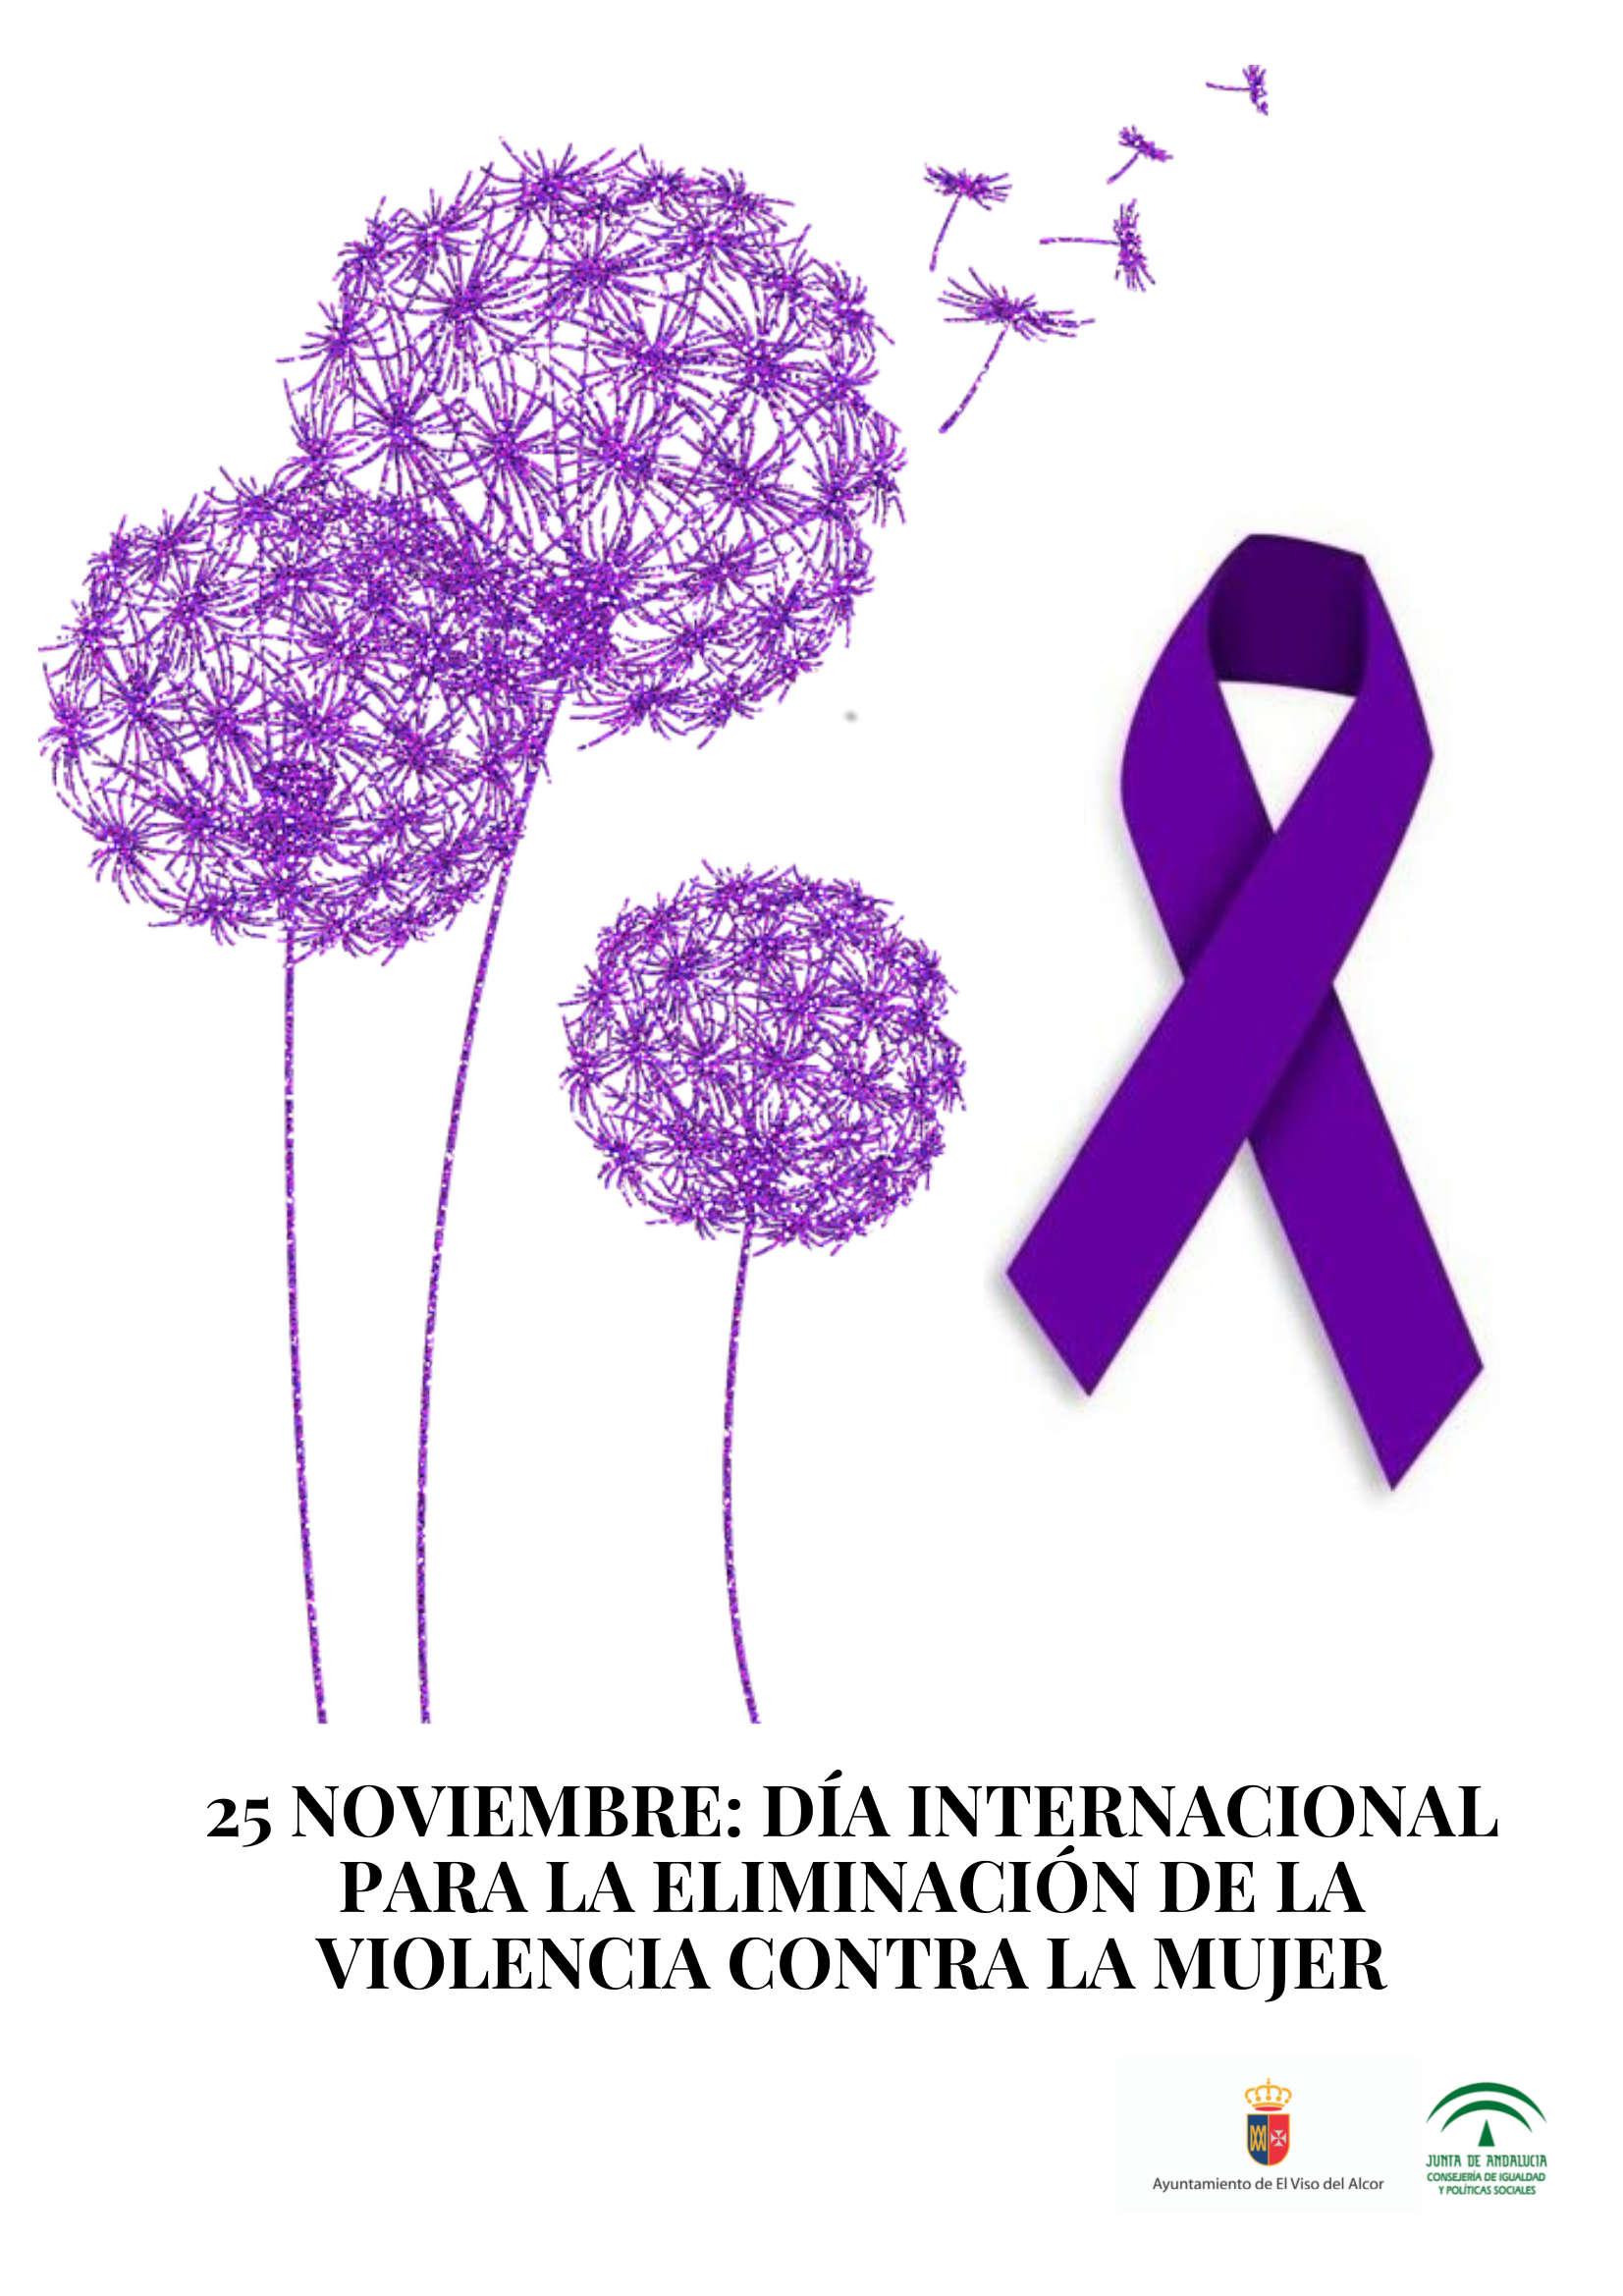 25 De Noviembre Día Internacional Contra La Violencia Hacia La Mujer